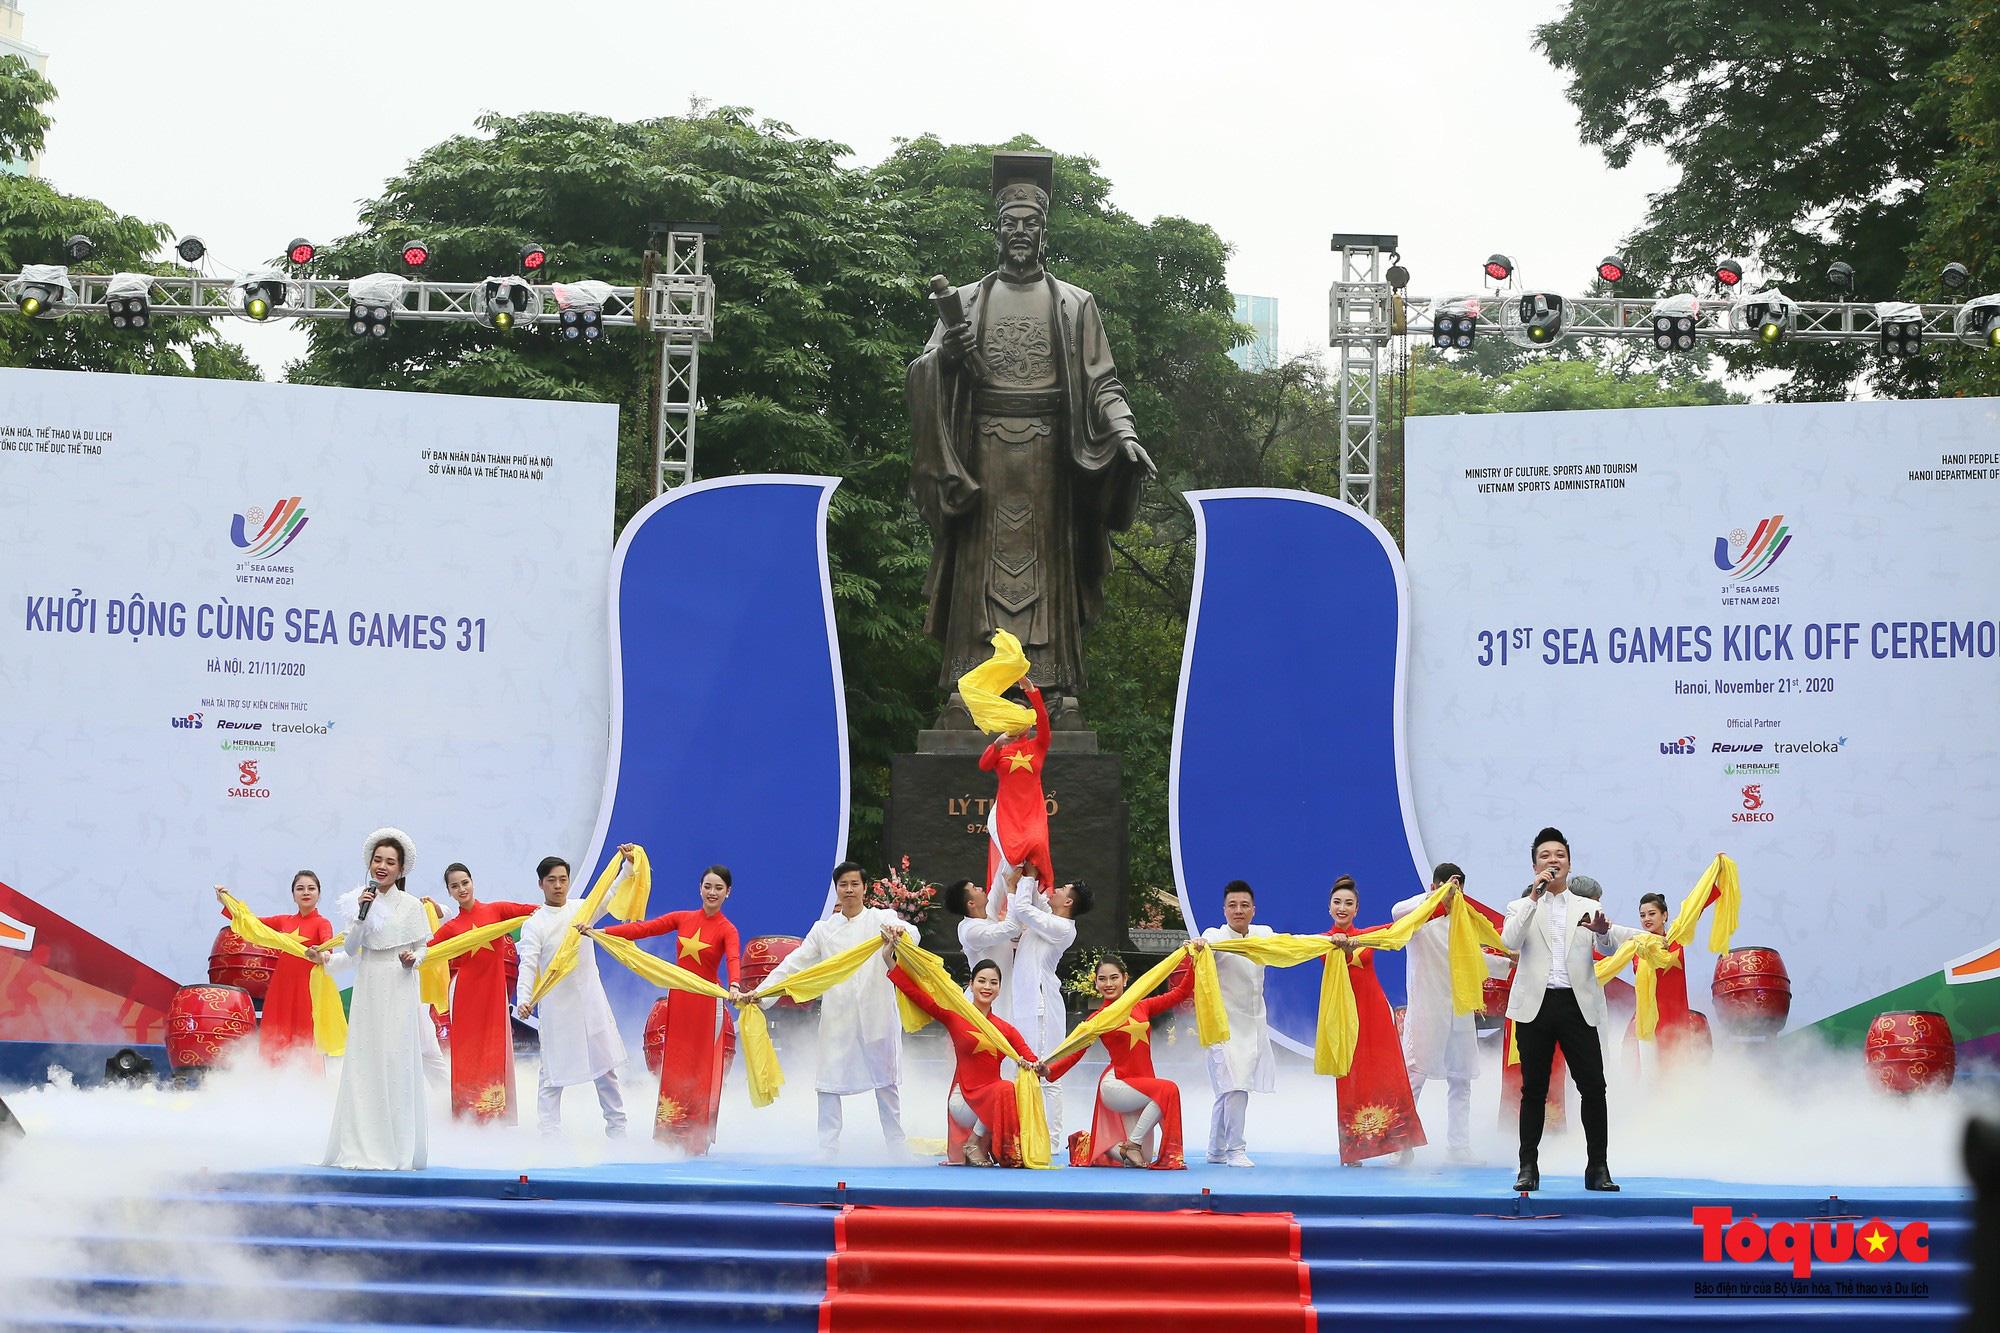 Khởi động cùng SEA Games 31 - Việt Nam sẵn sàng cho Đại hội thể thao lớn nhất Đông Nam Á  - Ảnh 13.